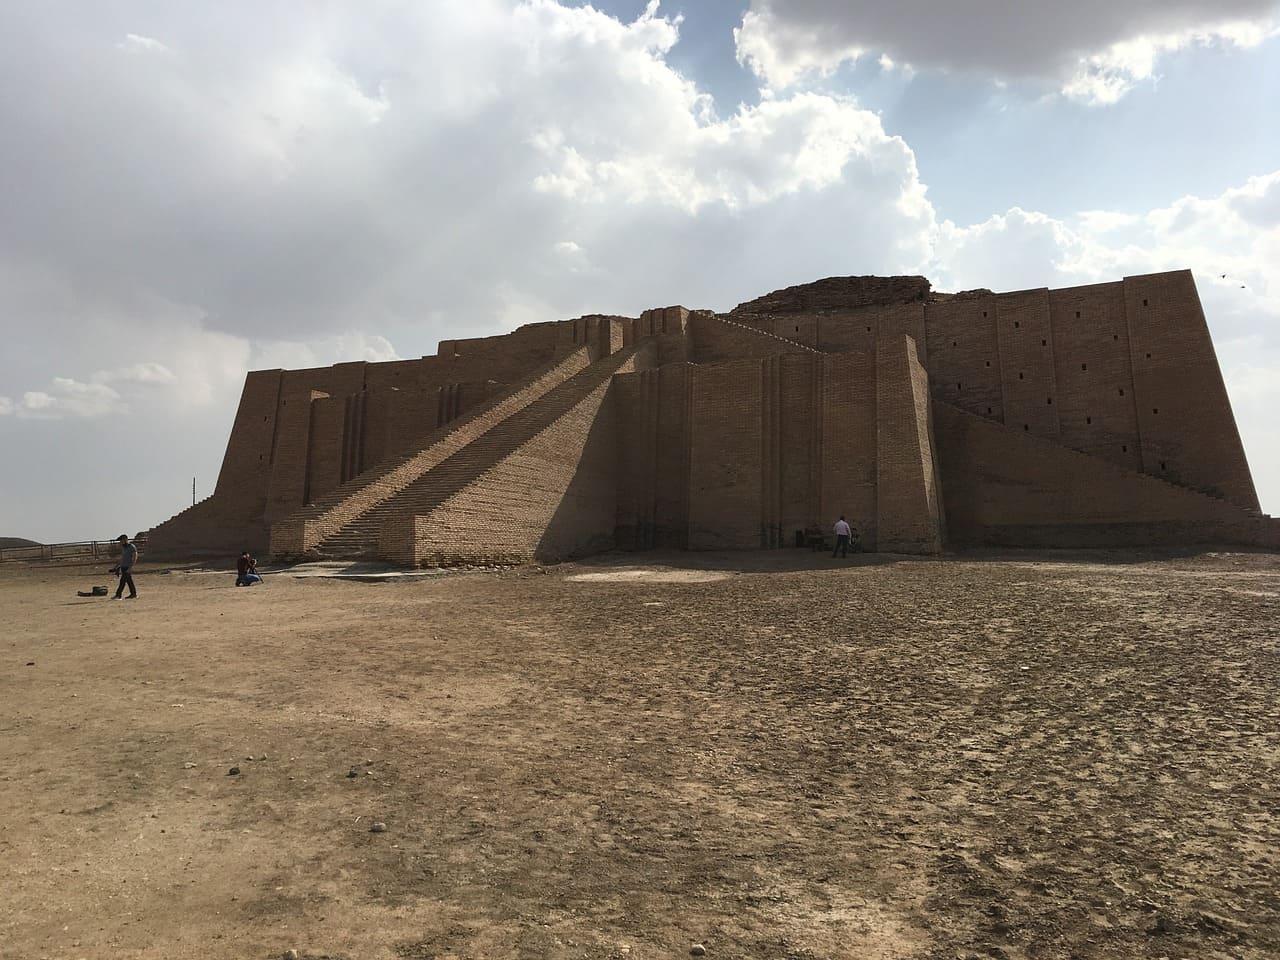 ziggourat irak fort chateau escalier desert